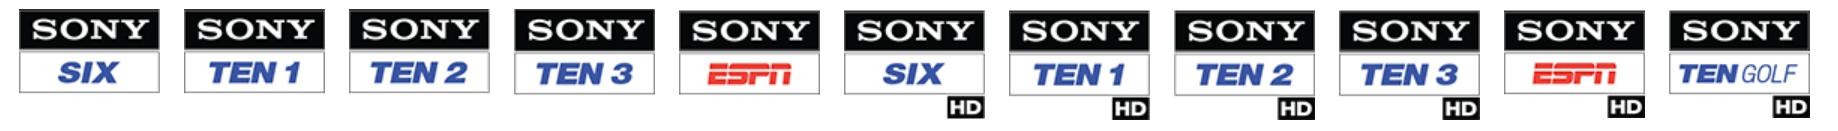 Sony TEN Sports Network